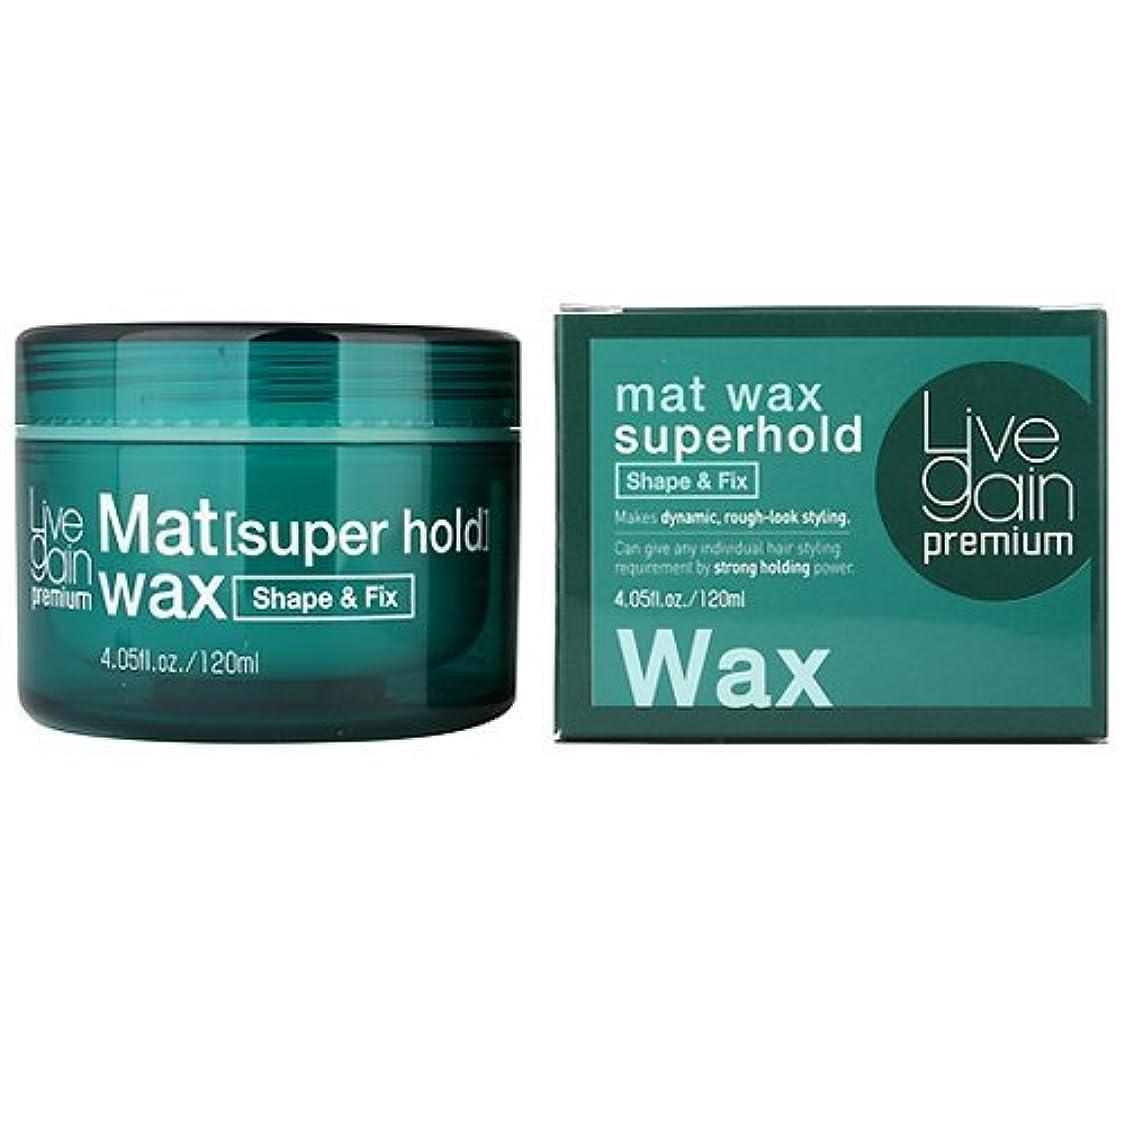 公爵パケット弾性Livegain プレミアム マット ワックス スーパーホールド 120ml マット ヘア ワックス ストロング ホールド (Premium Mat Wax Superhold 120ml Matte Hair wax...